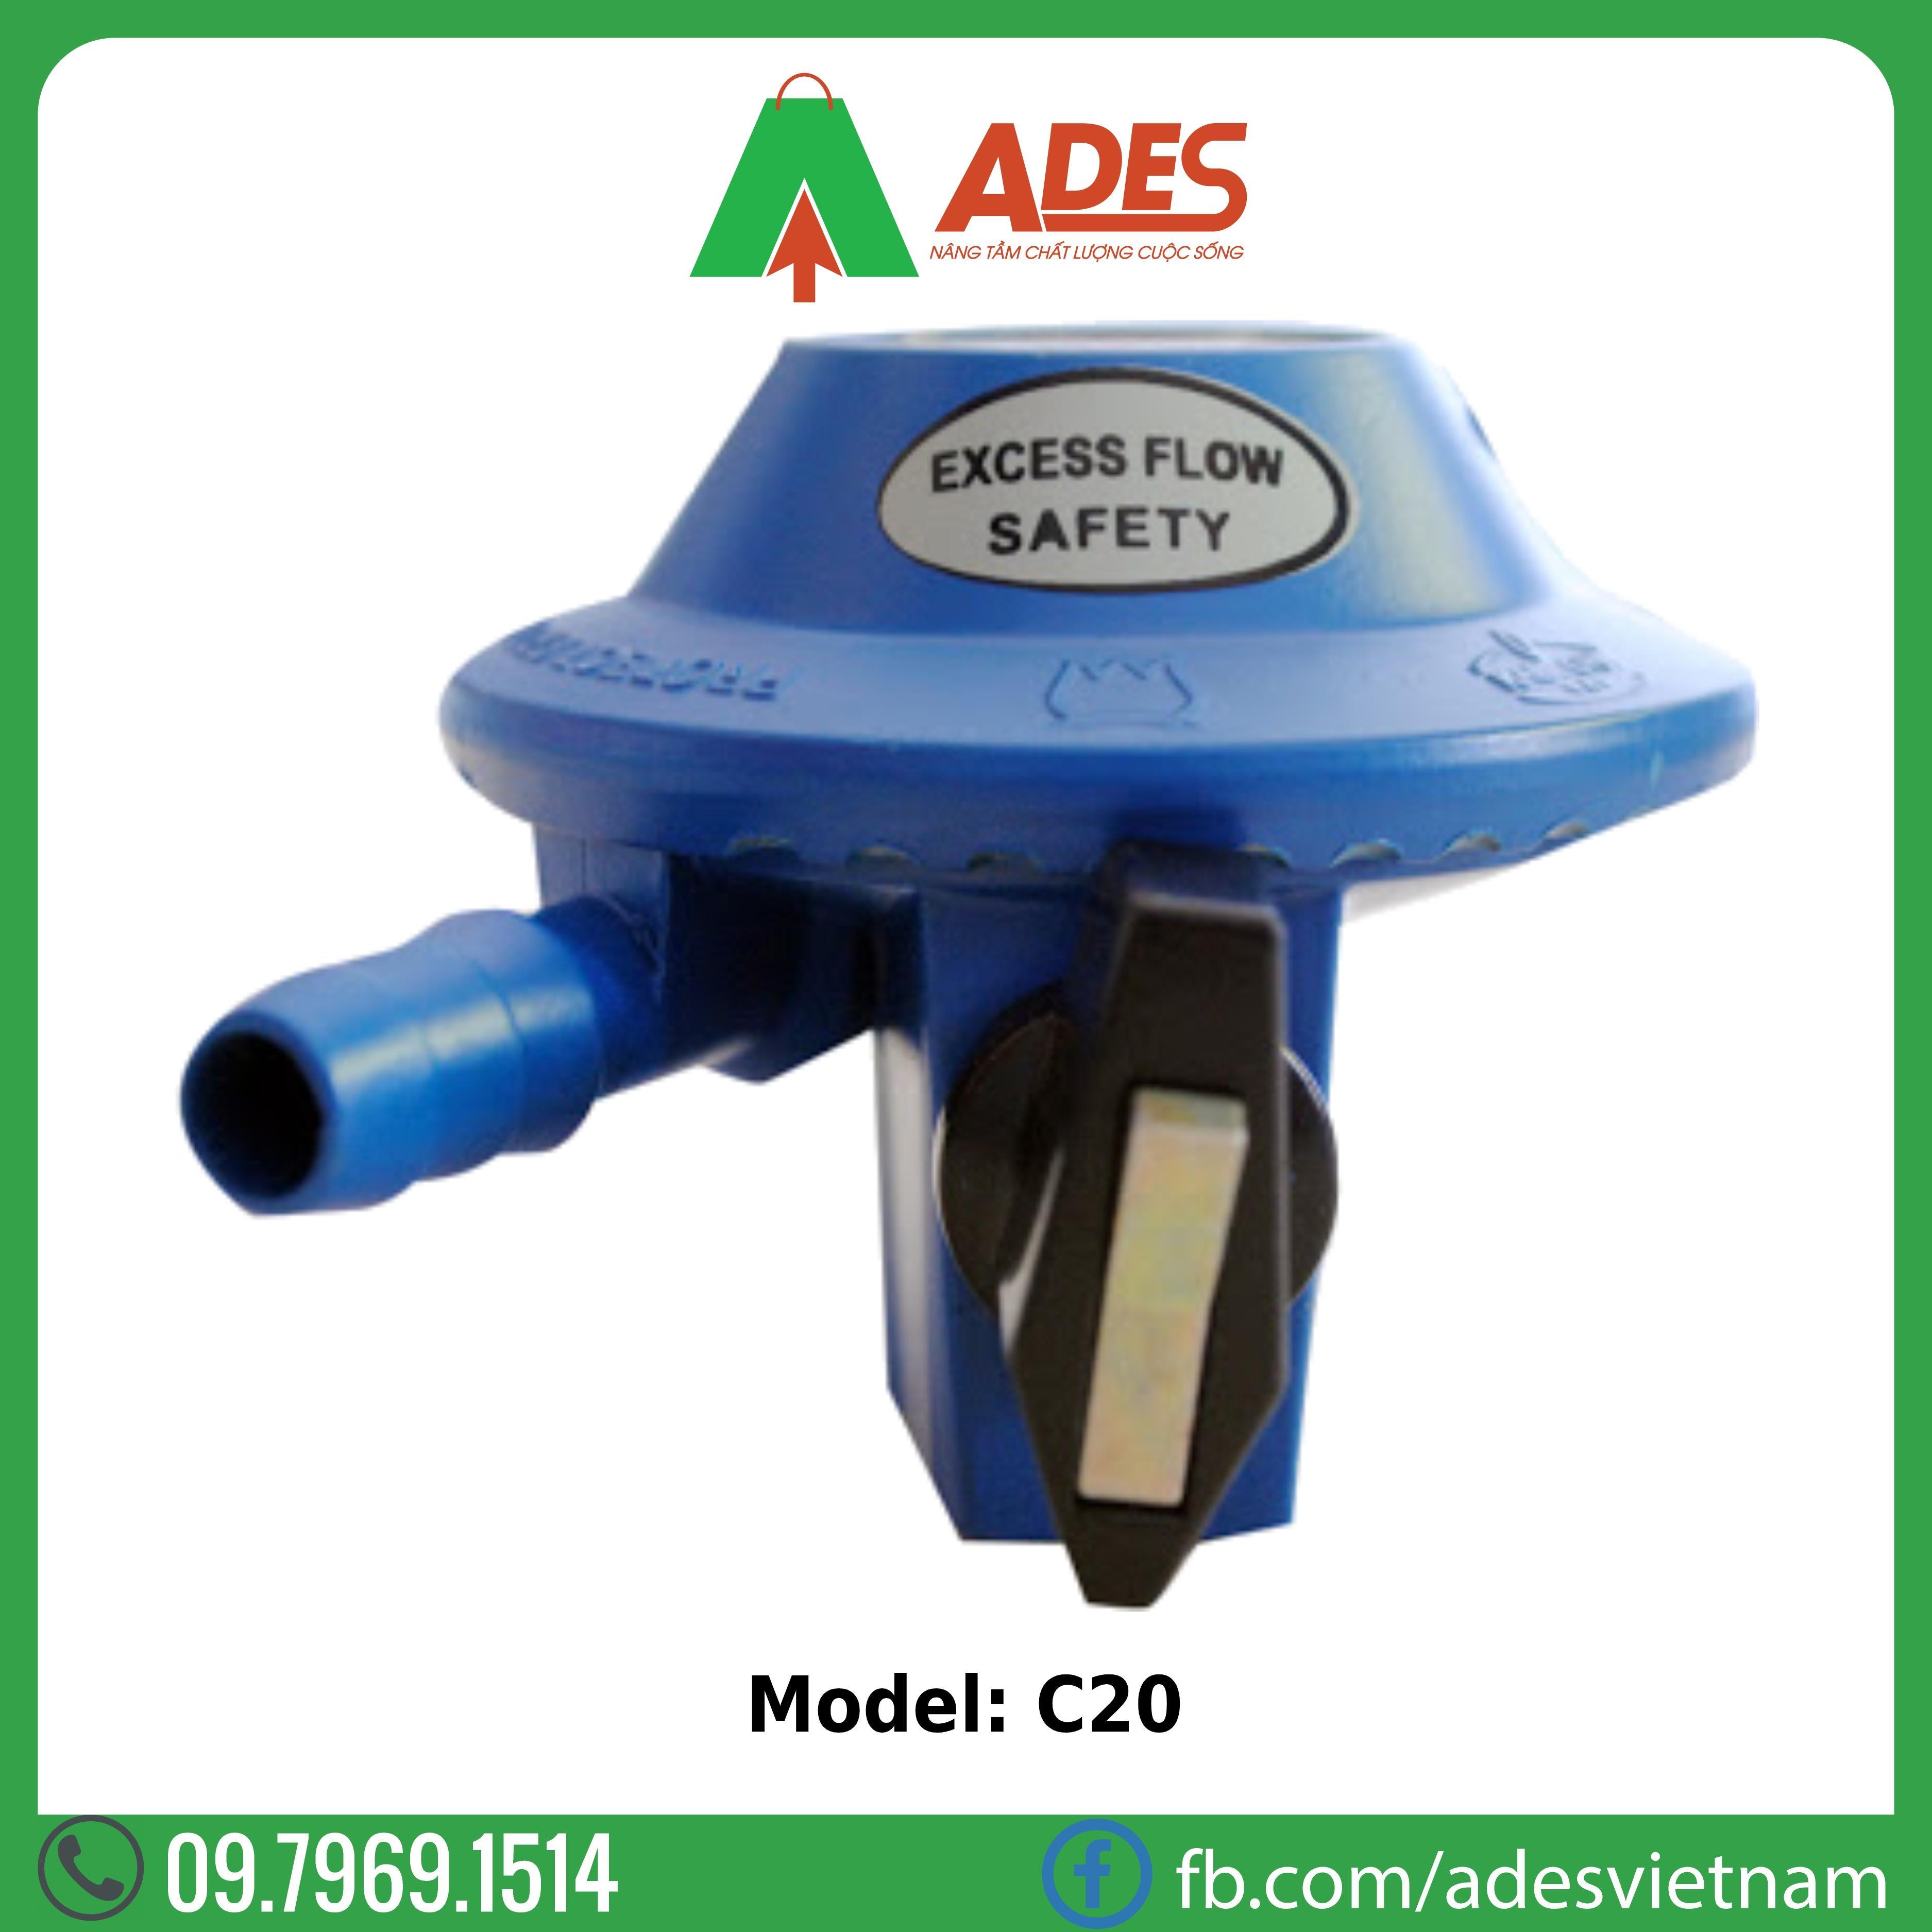 Van Gas Kabsons C20